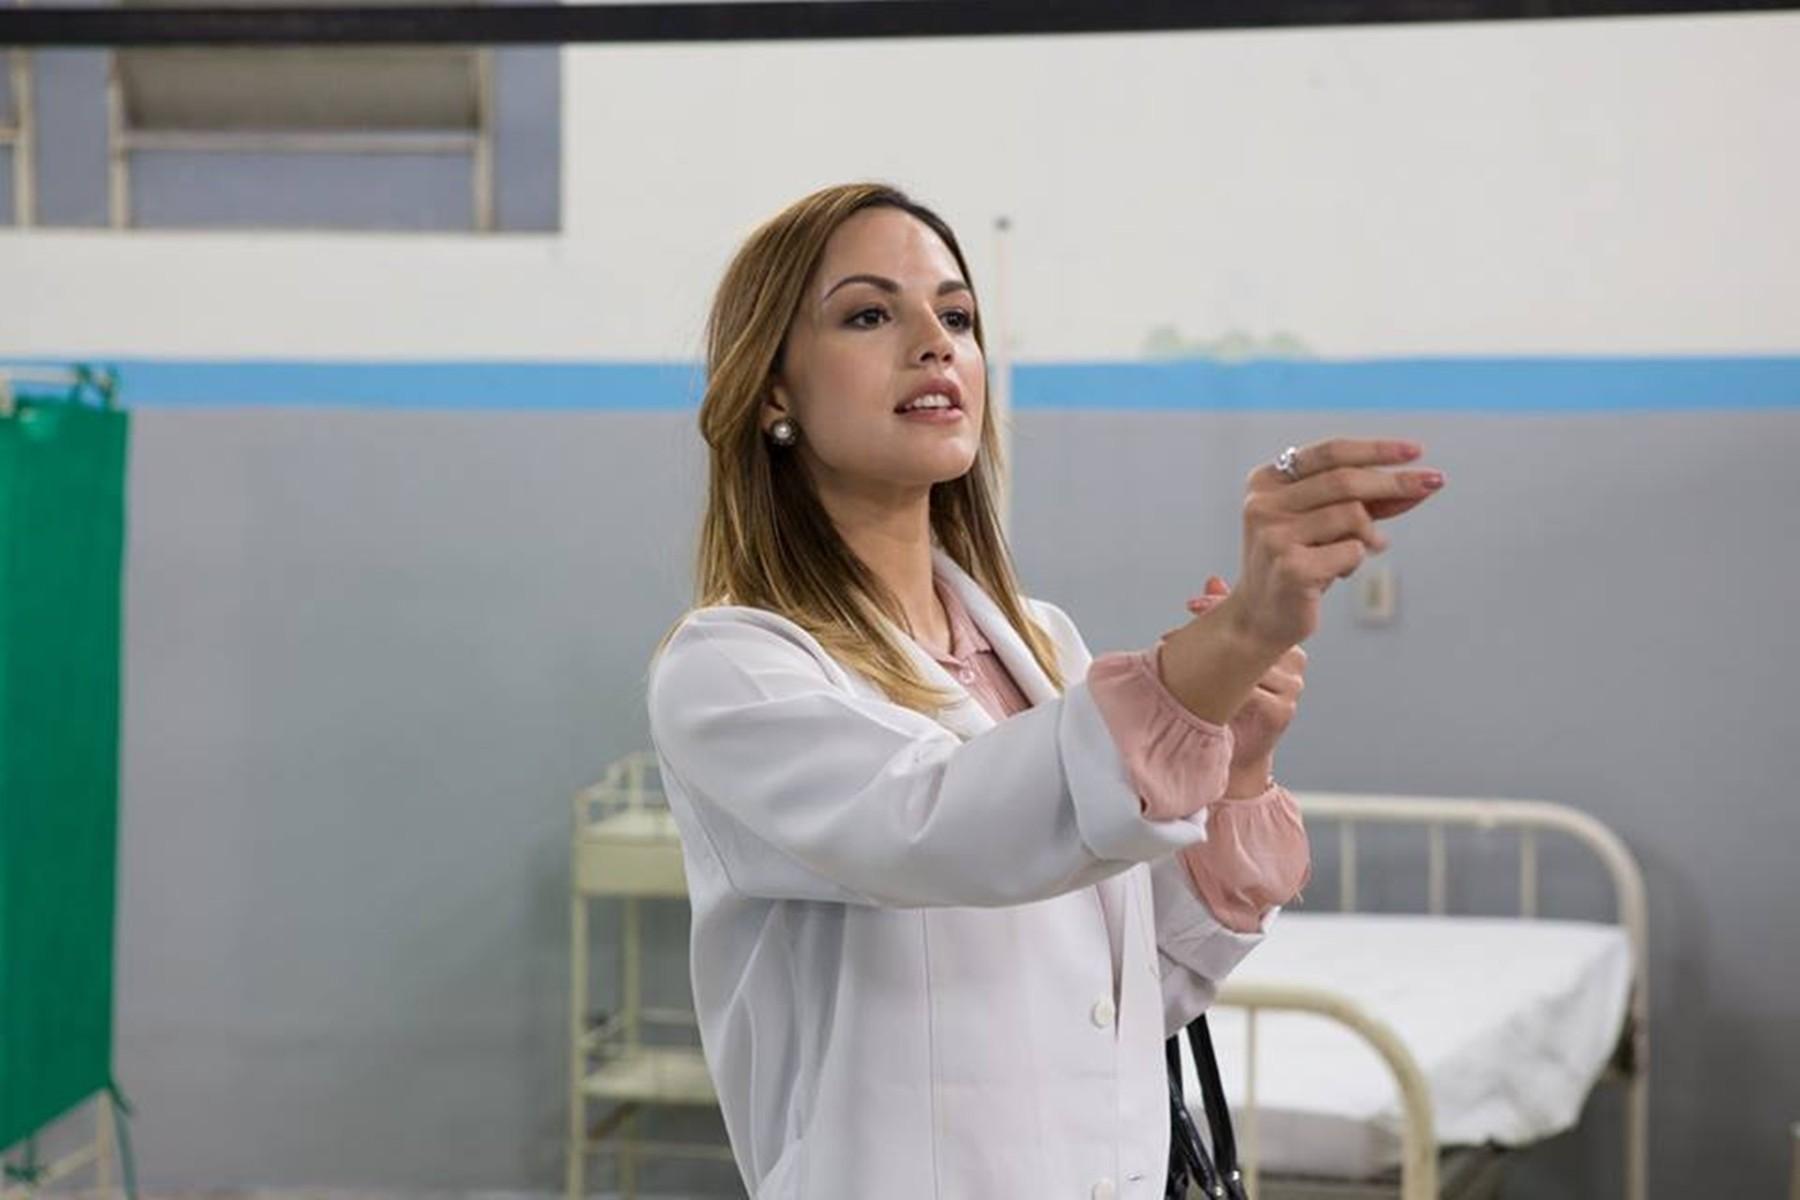 Mariana Cortines